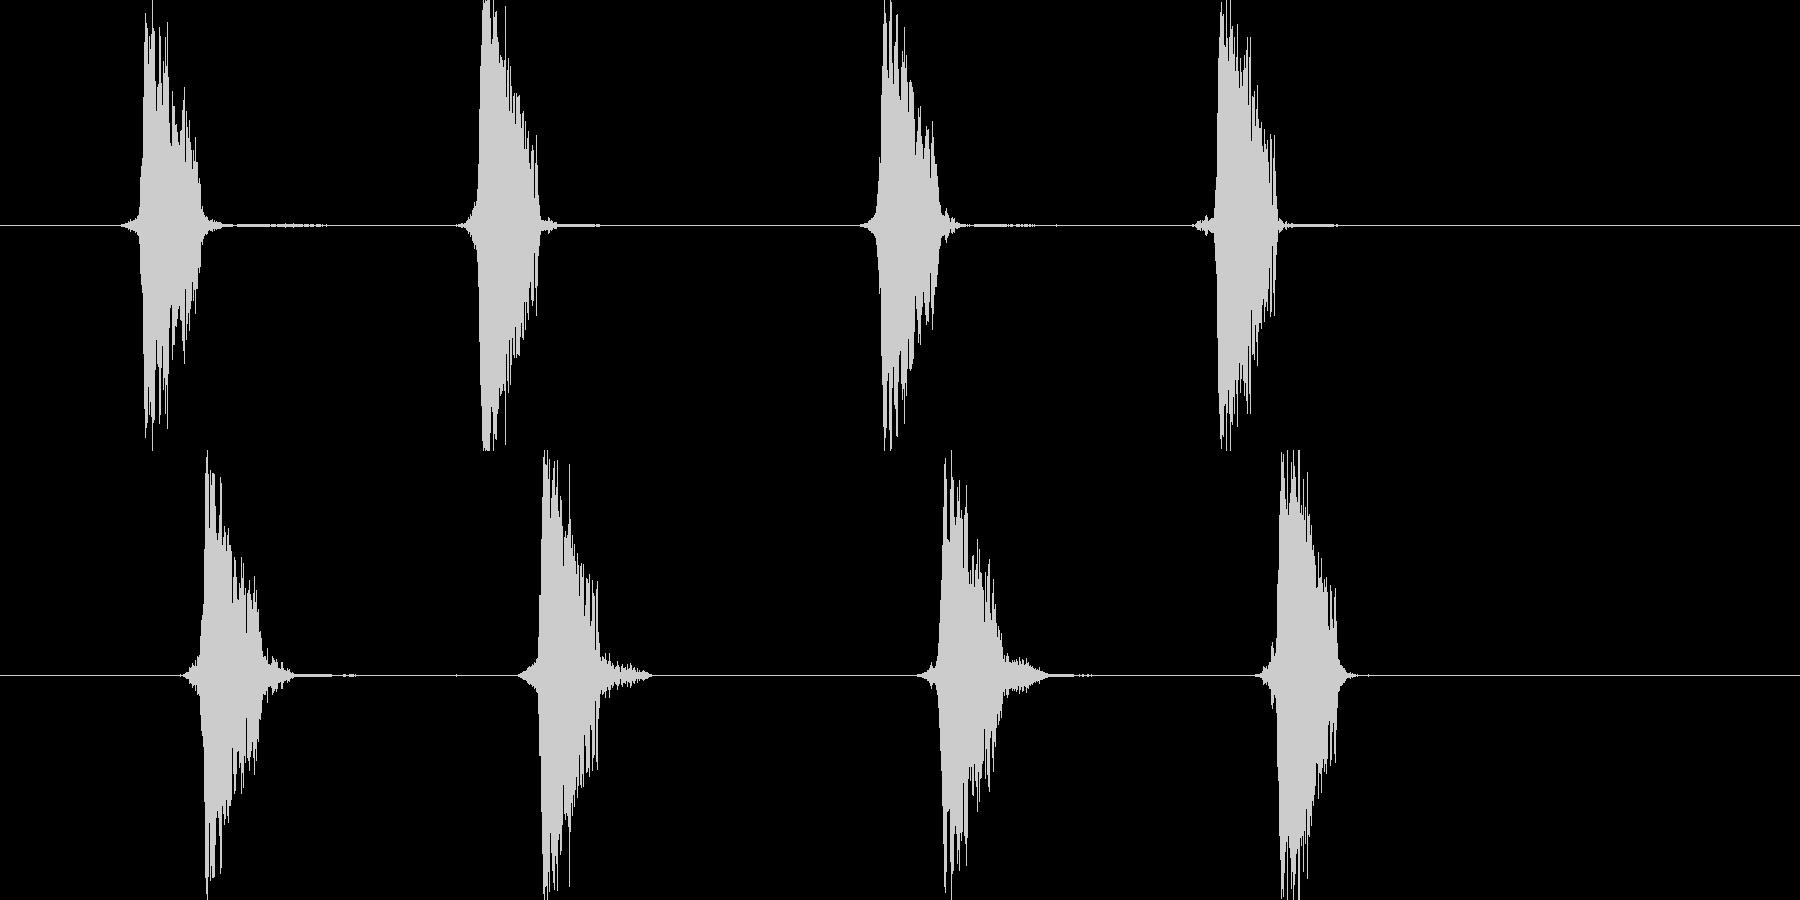 リセット音4(チャプチャ)の未再生の波形